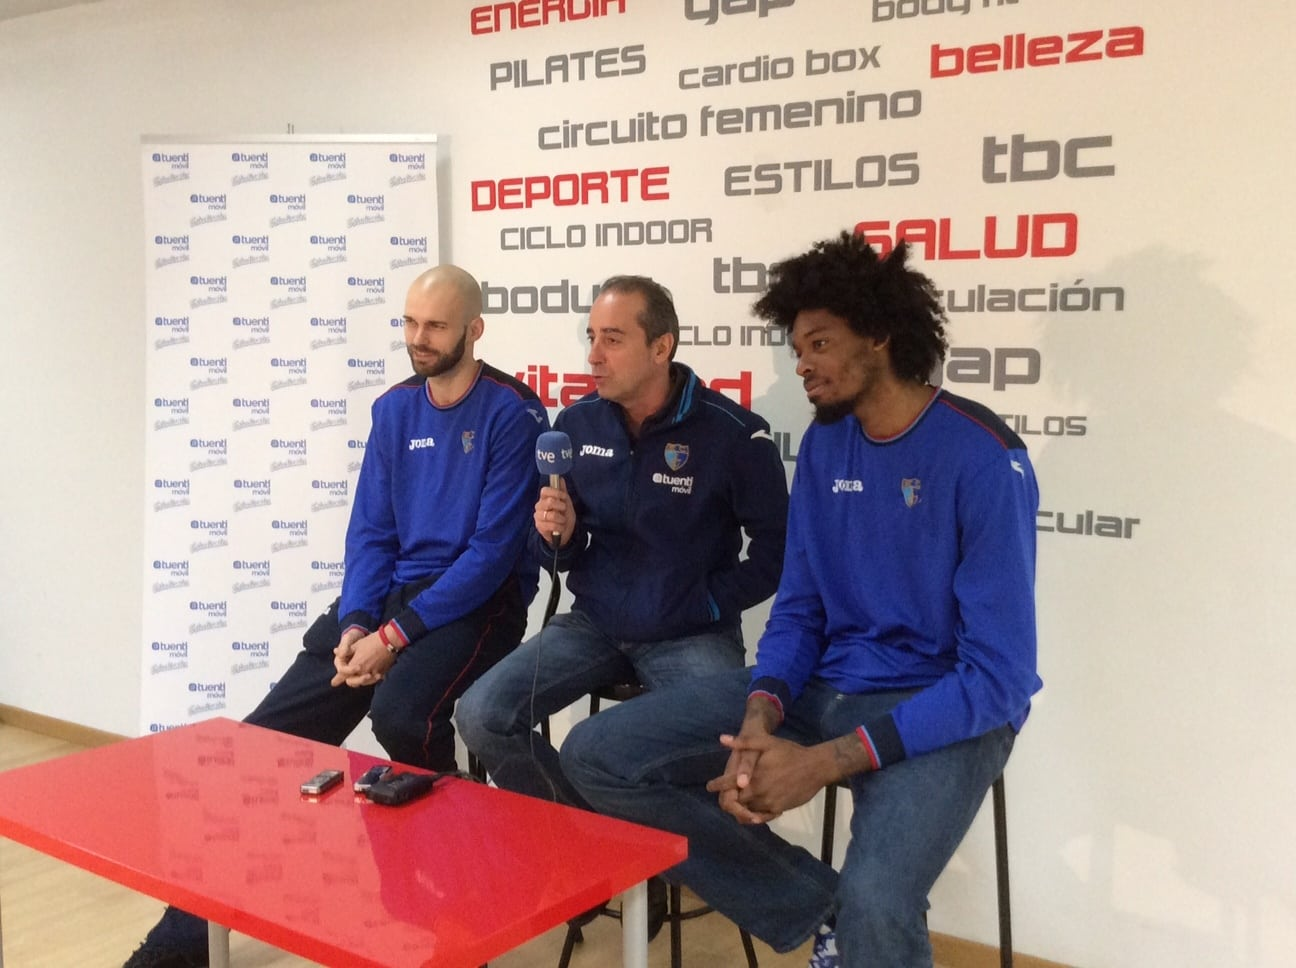 Vidorreta, Miso y Nogueira coinciden en querer despedirse de la afición con un partido muy especial ante un Barça herido del que no se fían